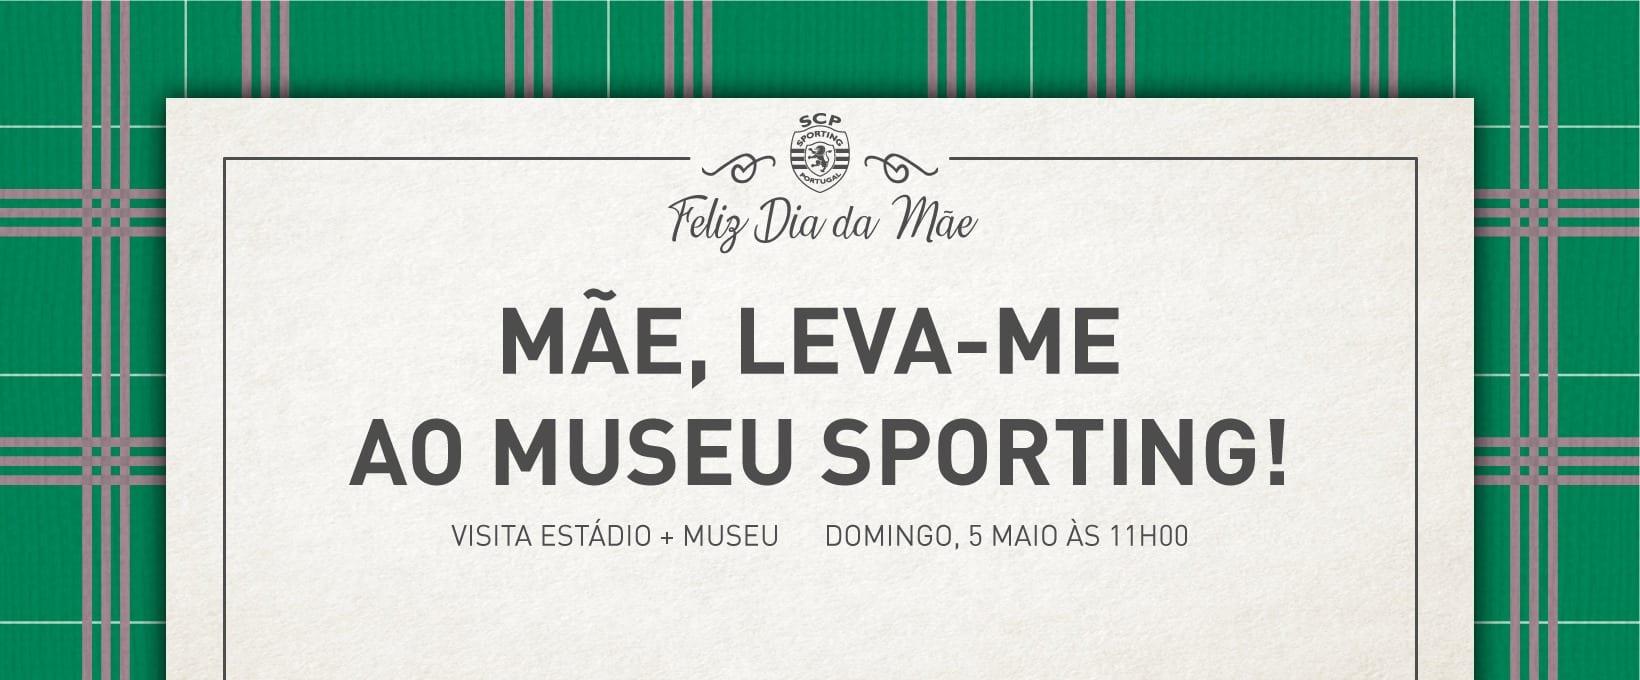 dia da mae museu sporting